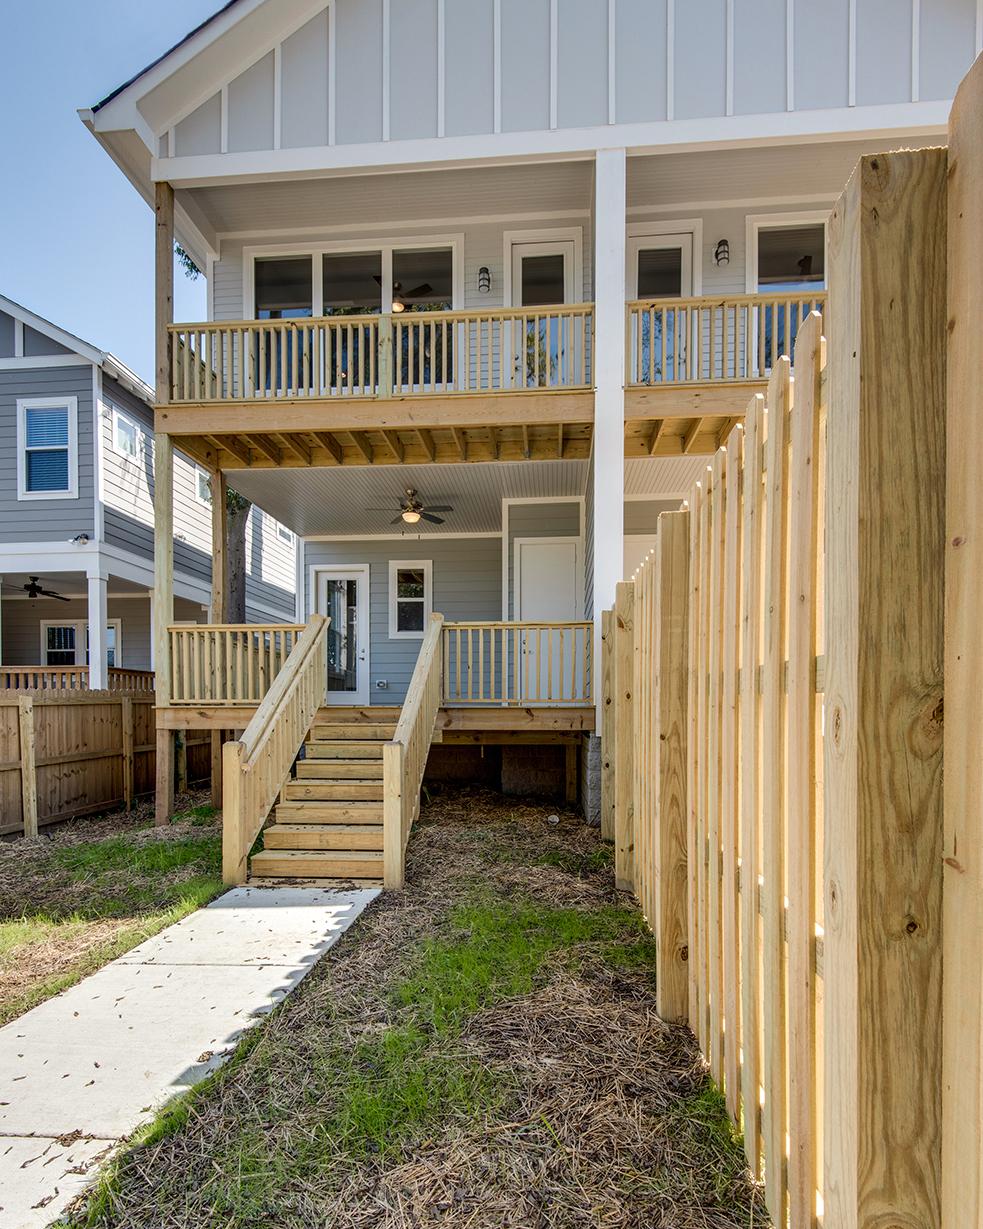 House-Plans-Online-Duplex-Nashville-Peggy-Newman-Patio-Deck-1825.jpg